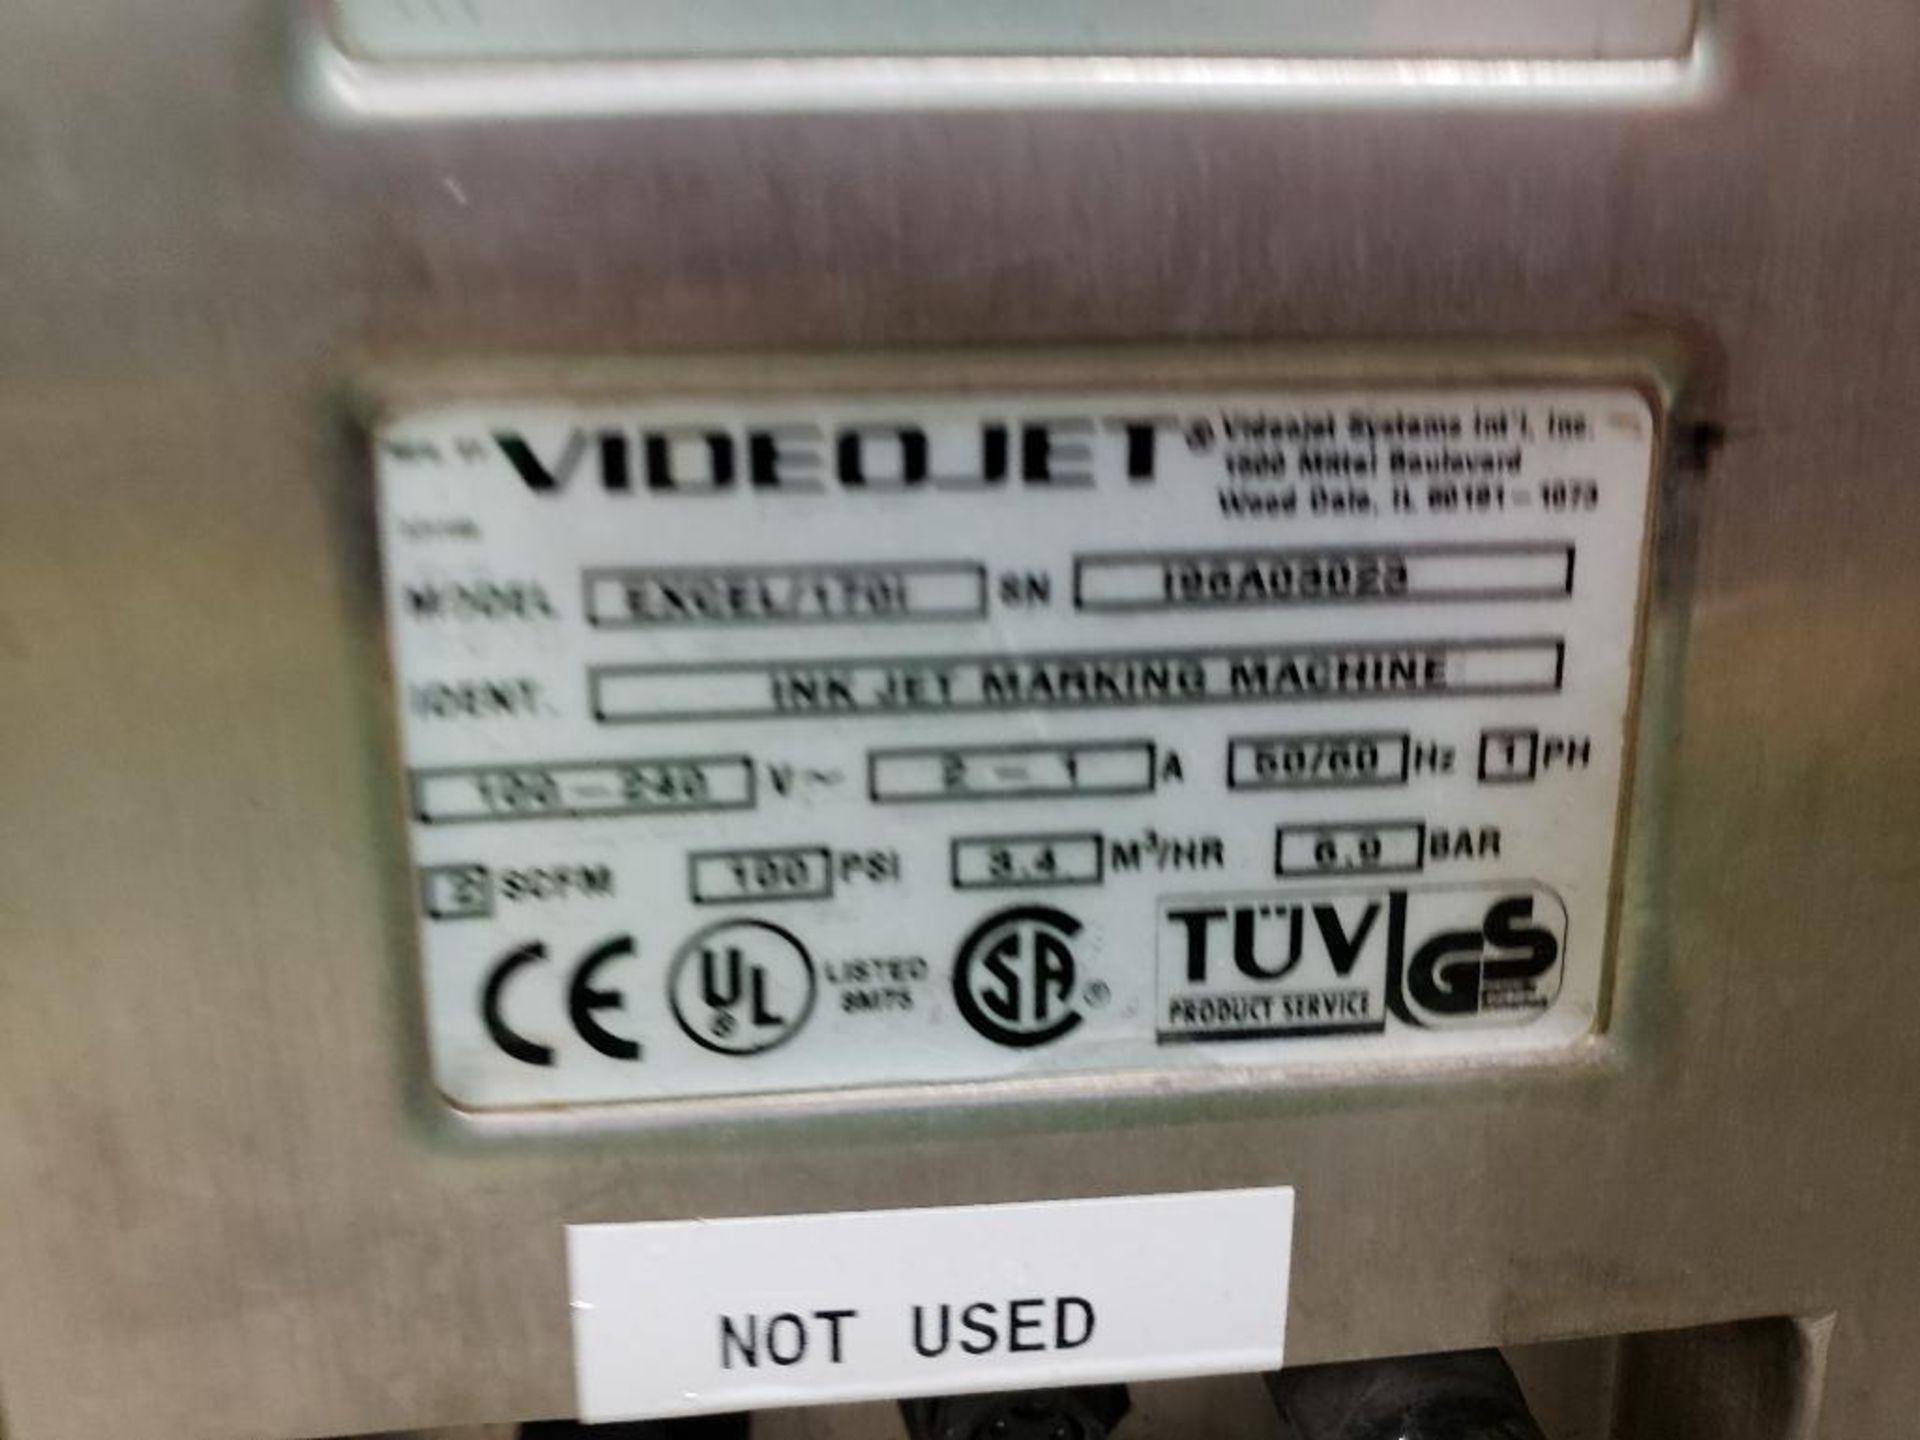 Videojet Excel Series 170-i ink jet marking machine. 100-240V. - Image 5 of 9